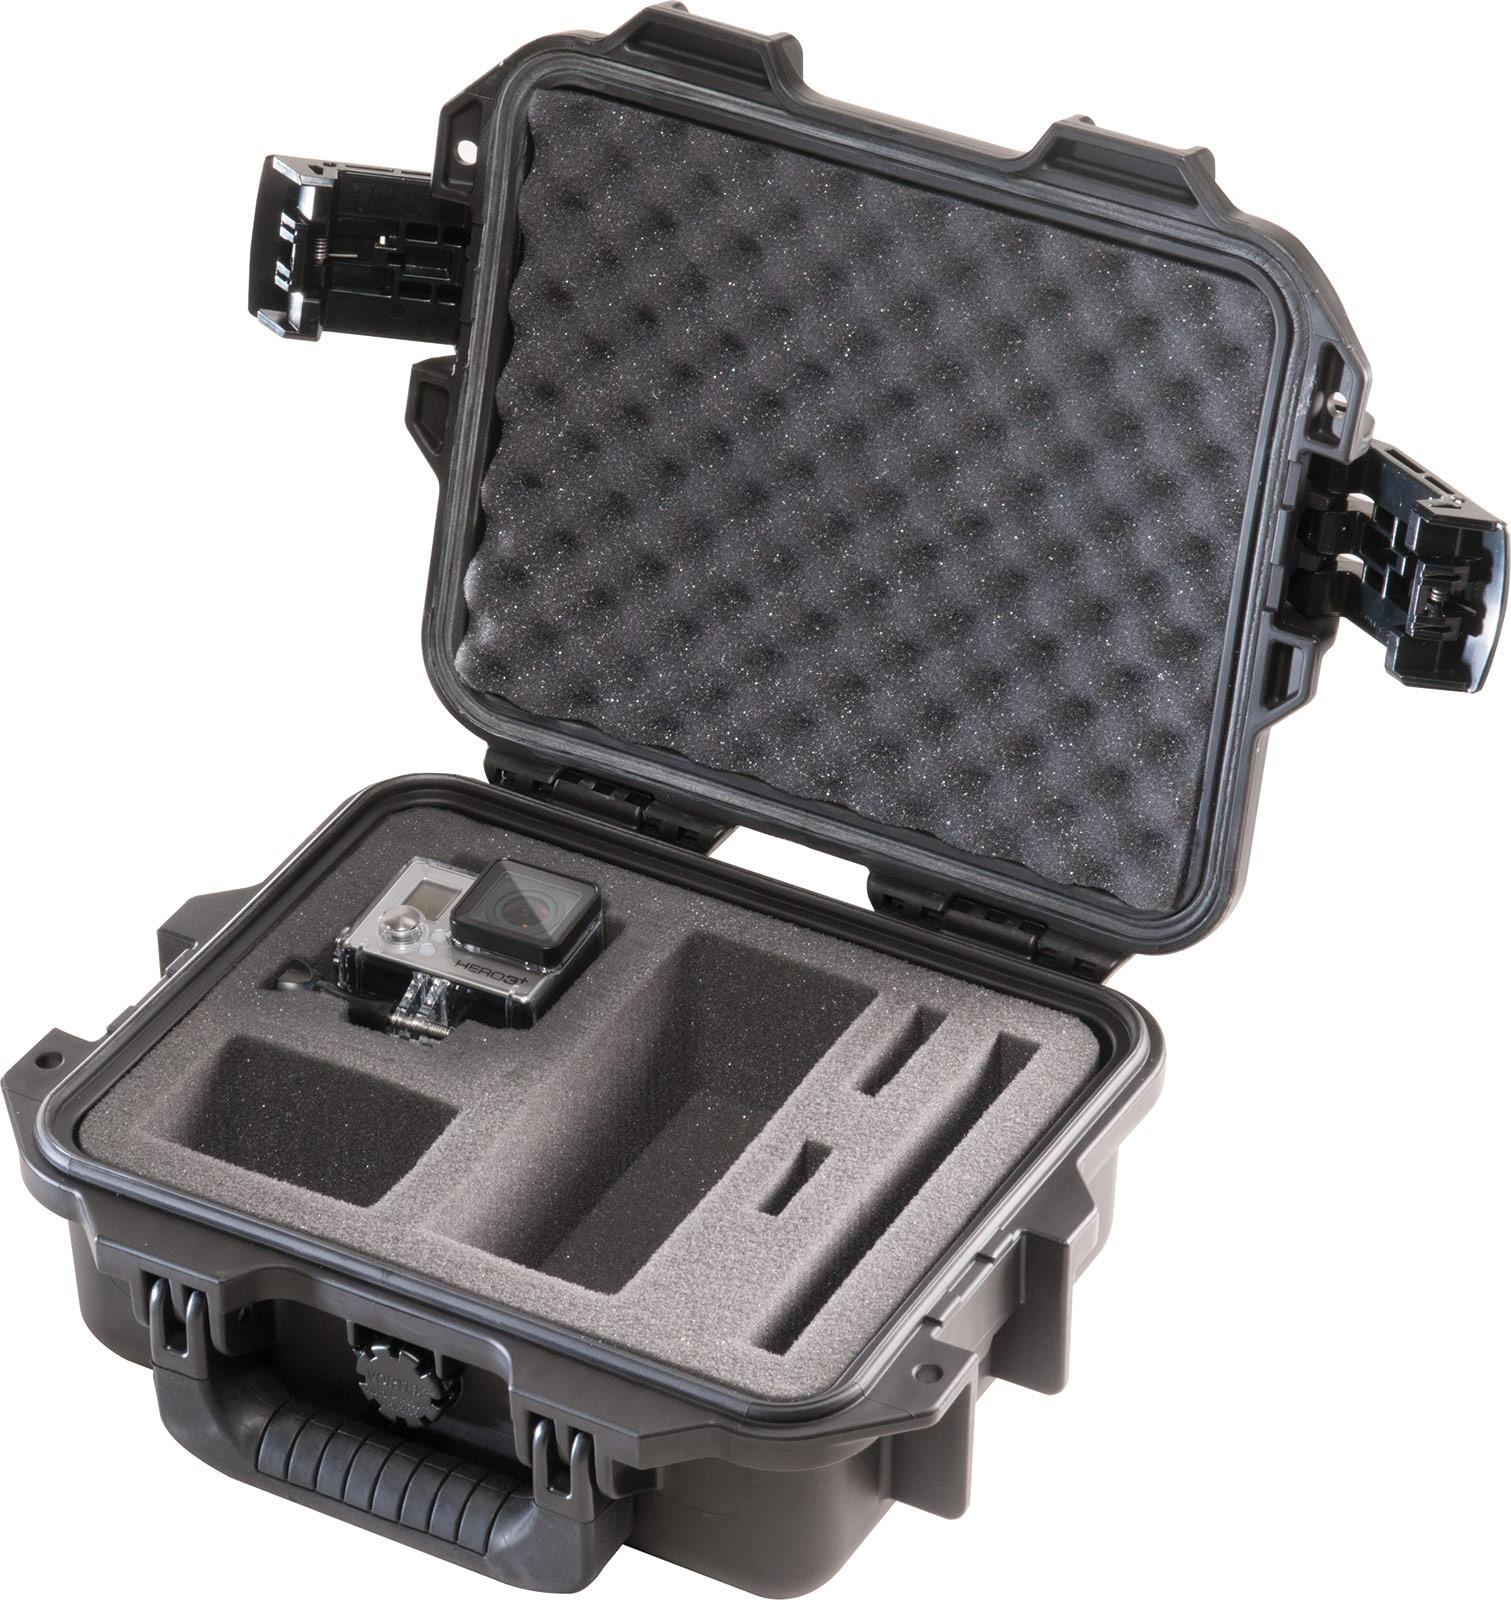 pelican im2050gp1 go pro small case